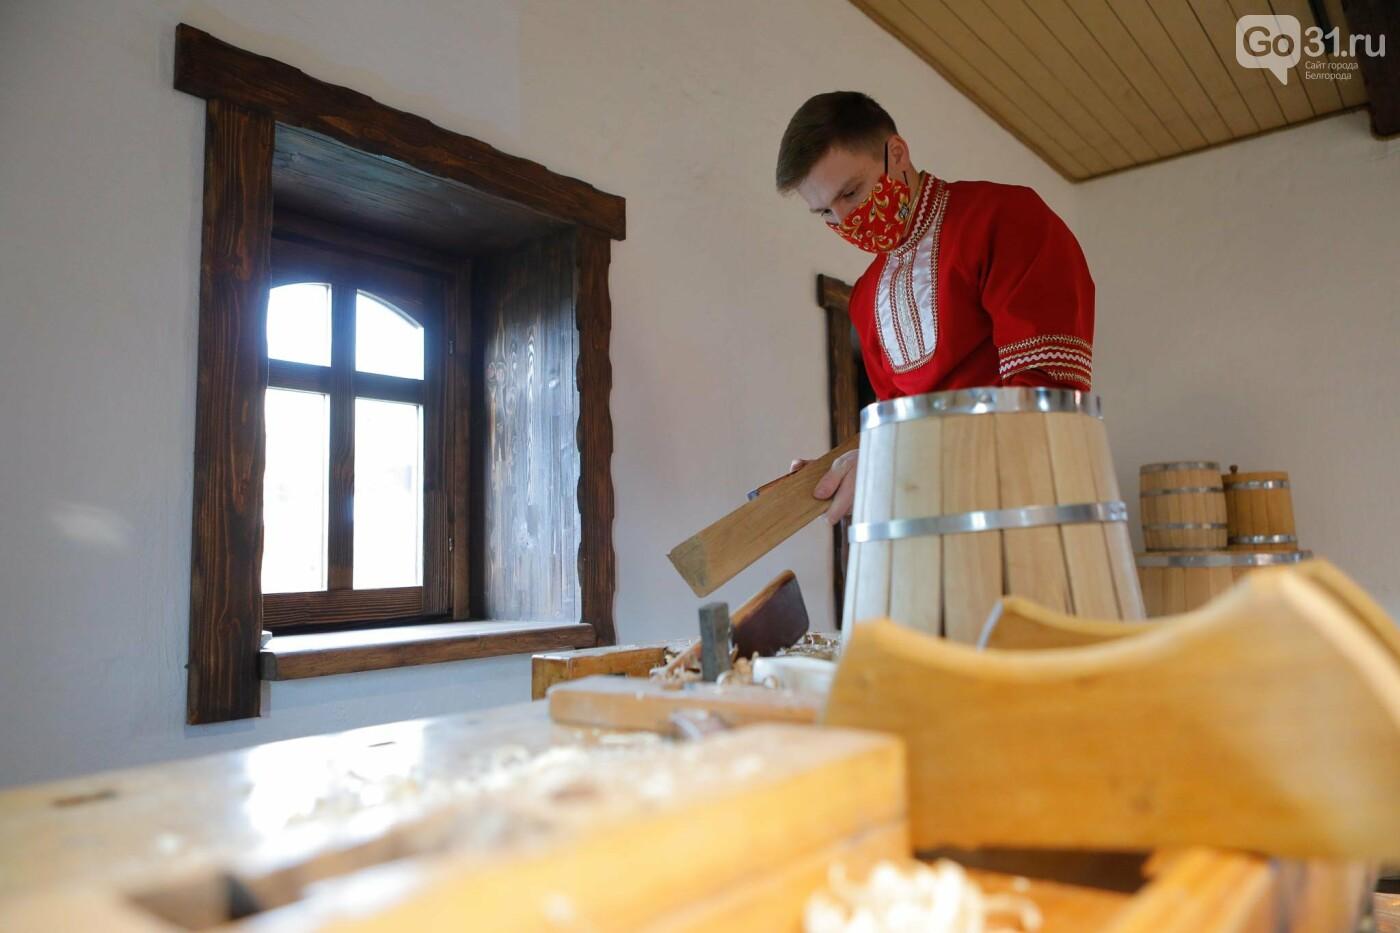 Историко-культурный проект «Слобожанщина» в Белгородской области, Фото: Антон Вергун